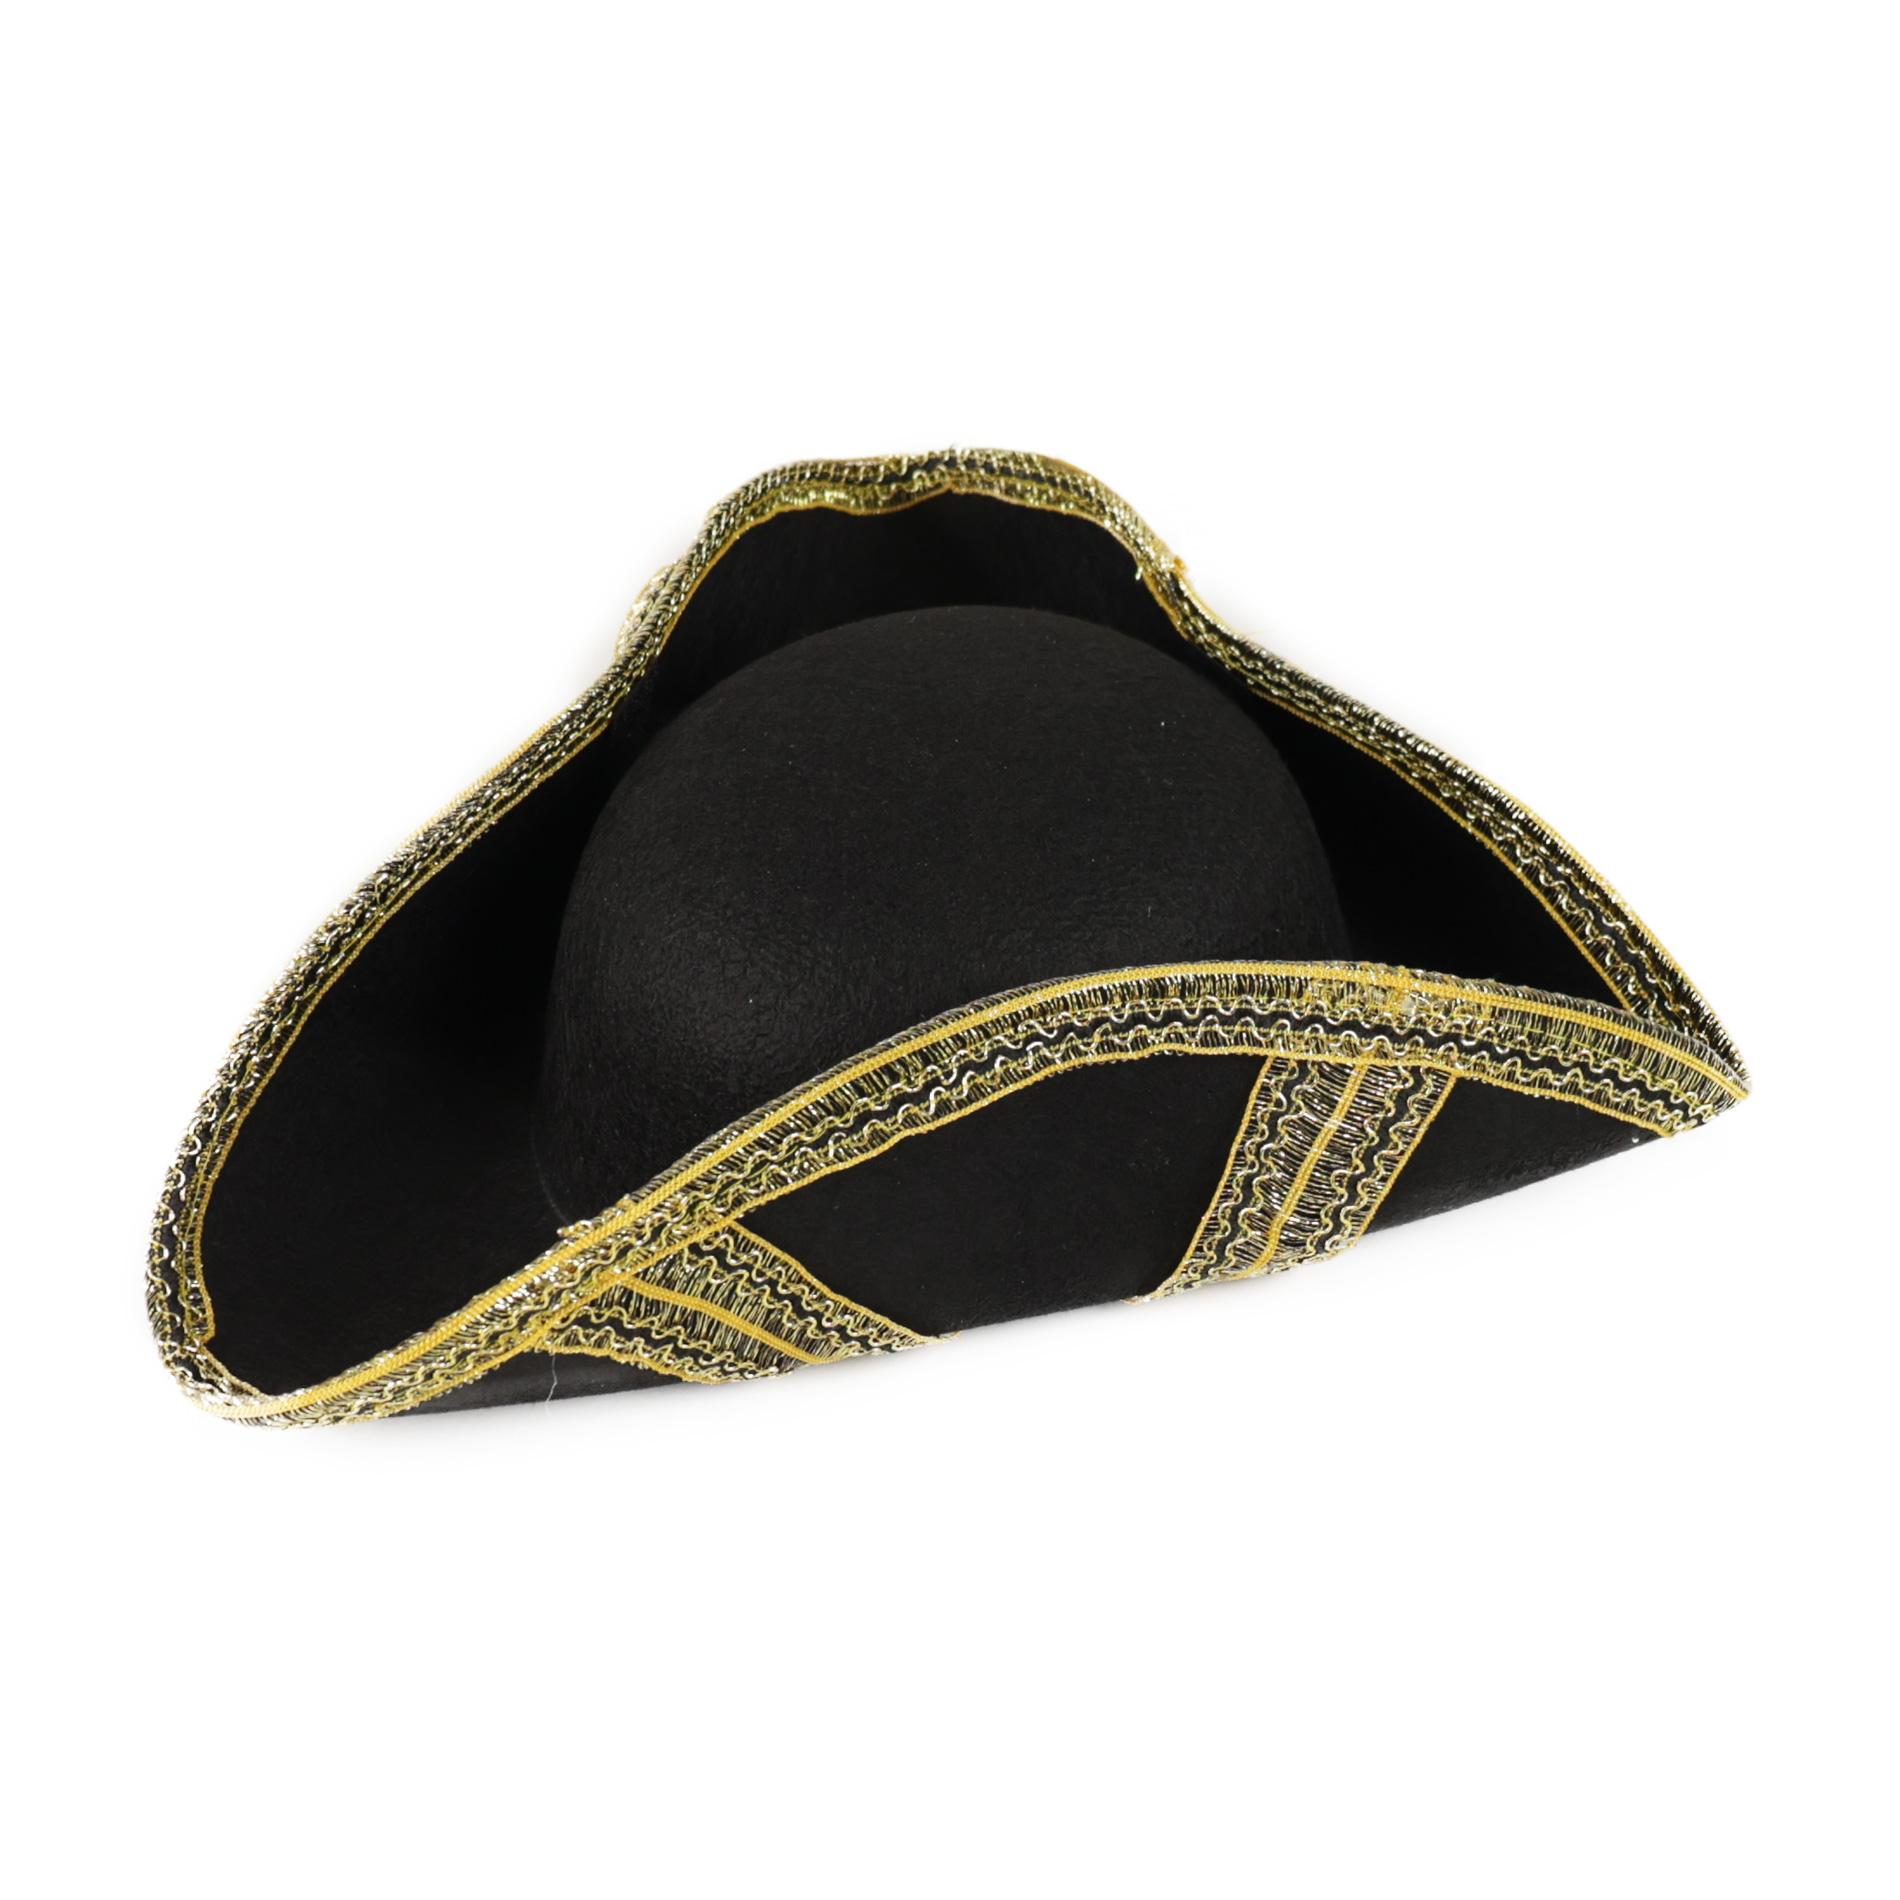 klobúk pirátsky, dospelý